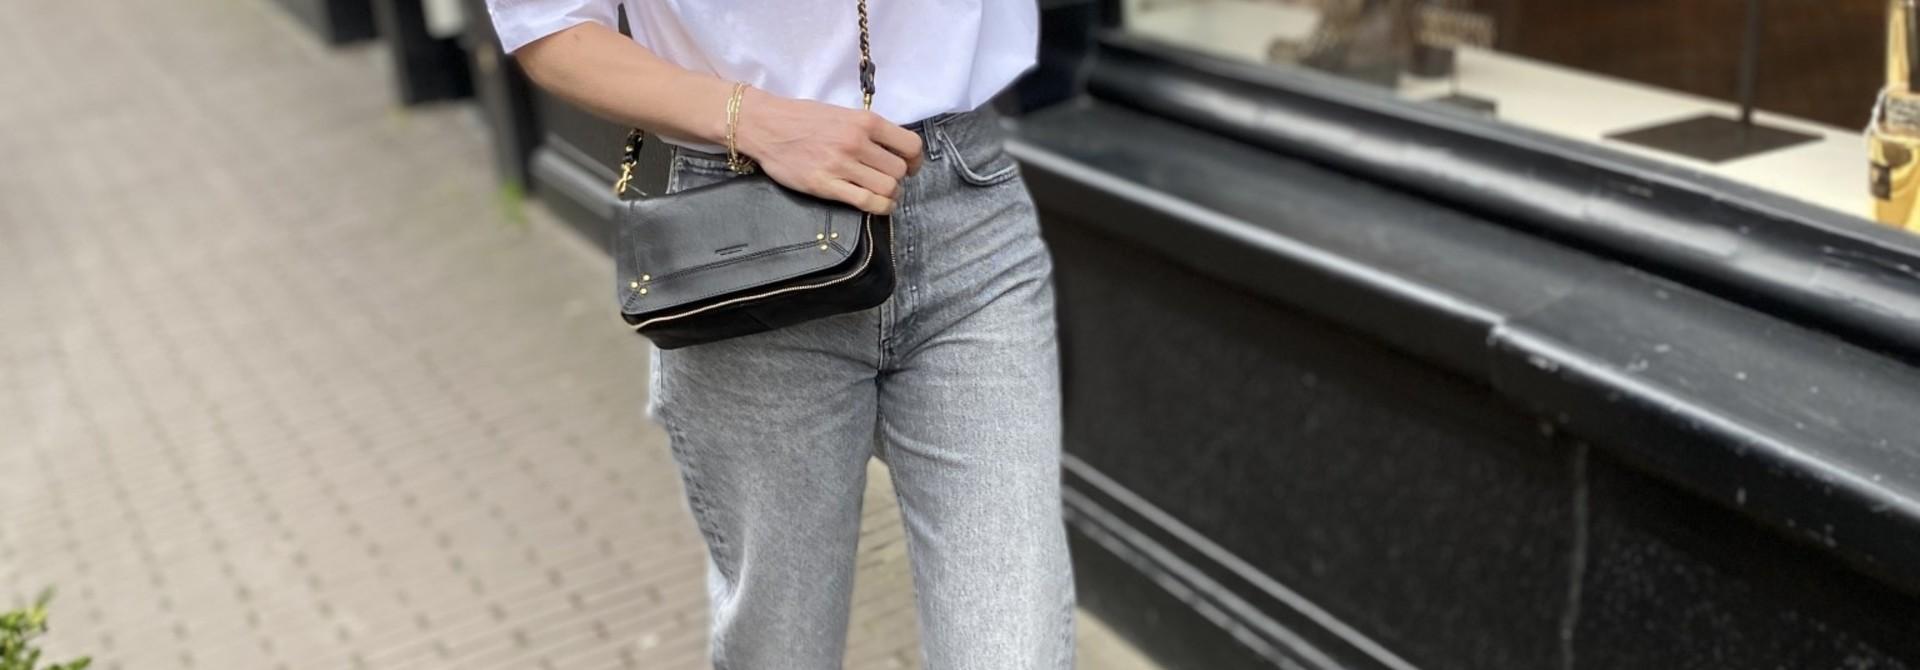 Jeans 90's pinch waist